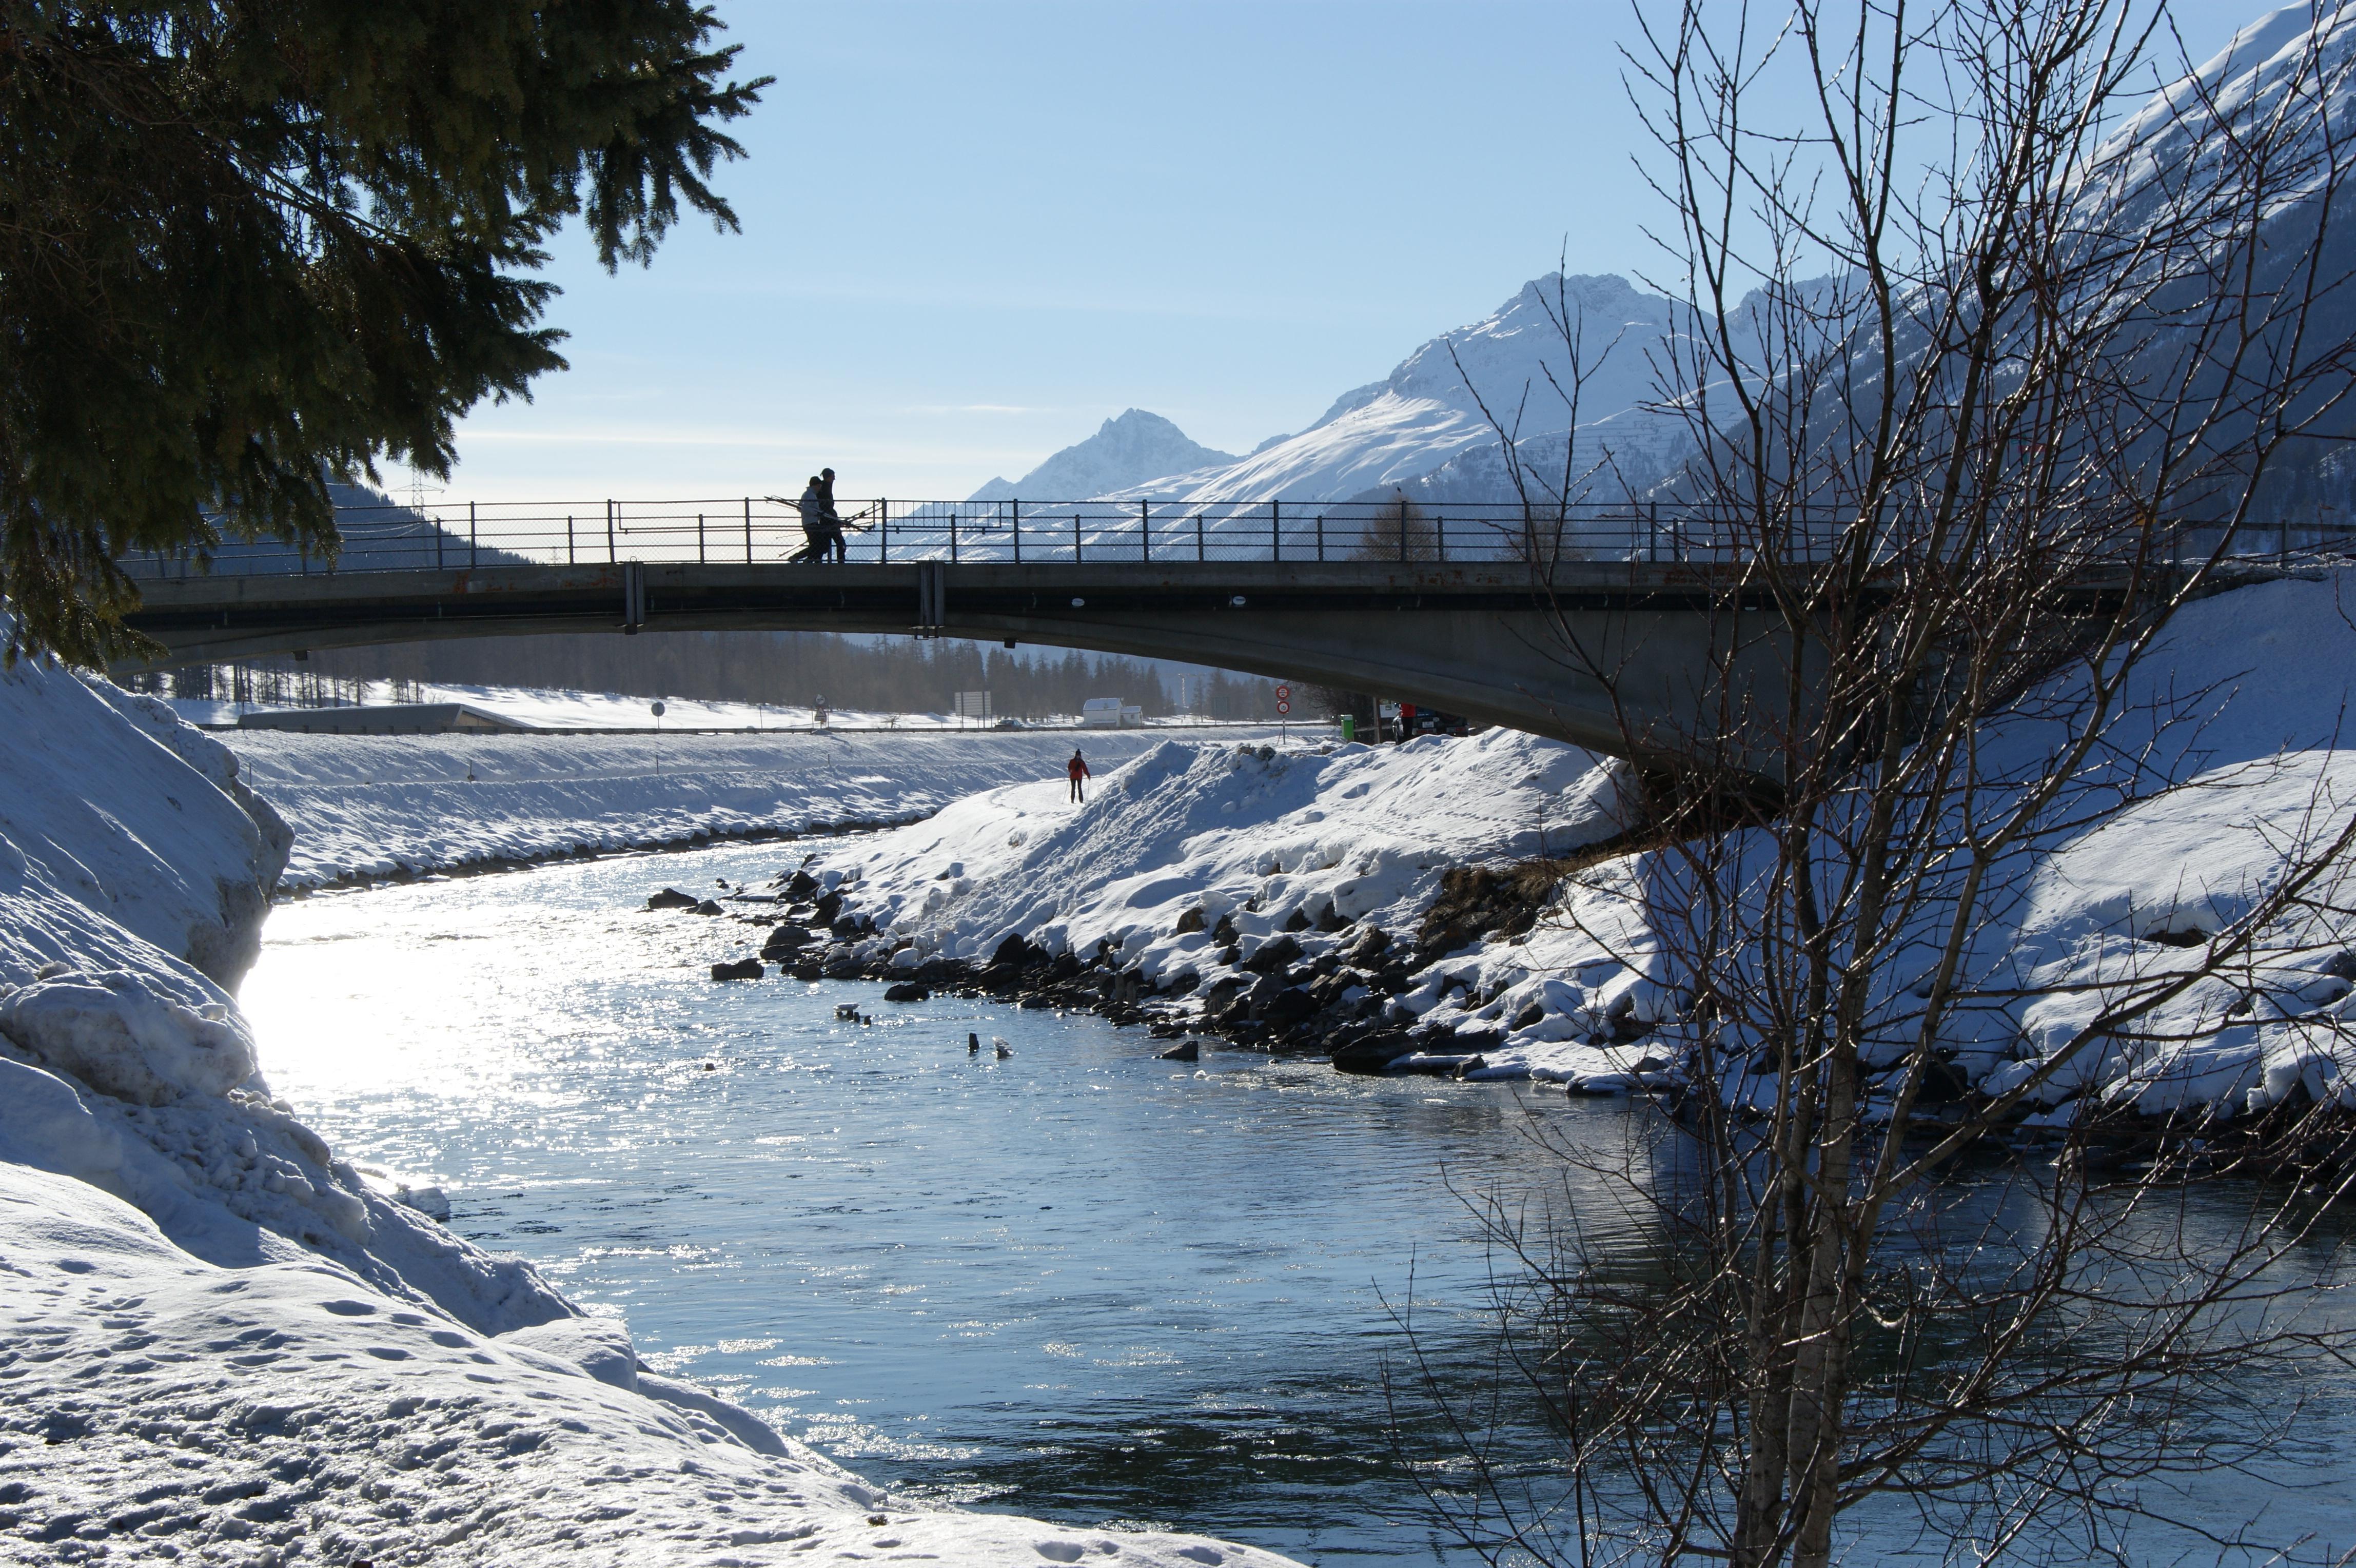 Inn Brücke Slide 1